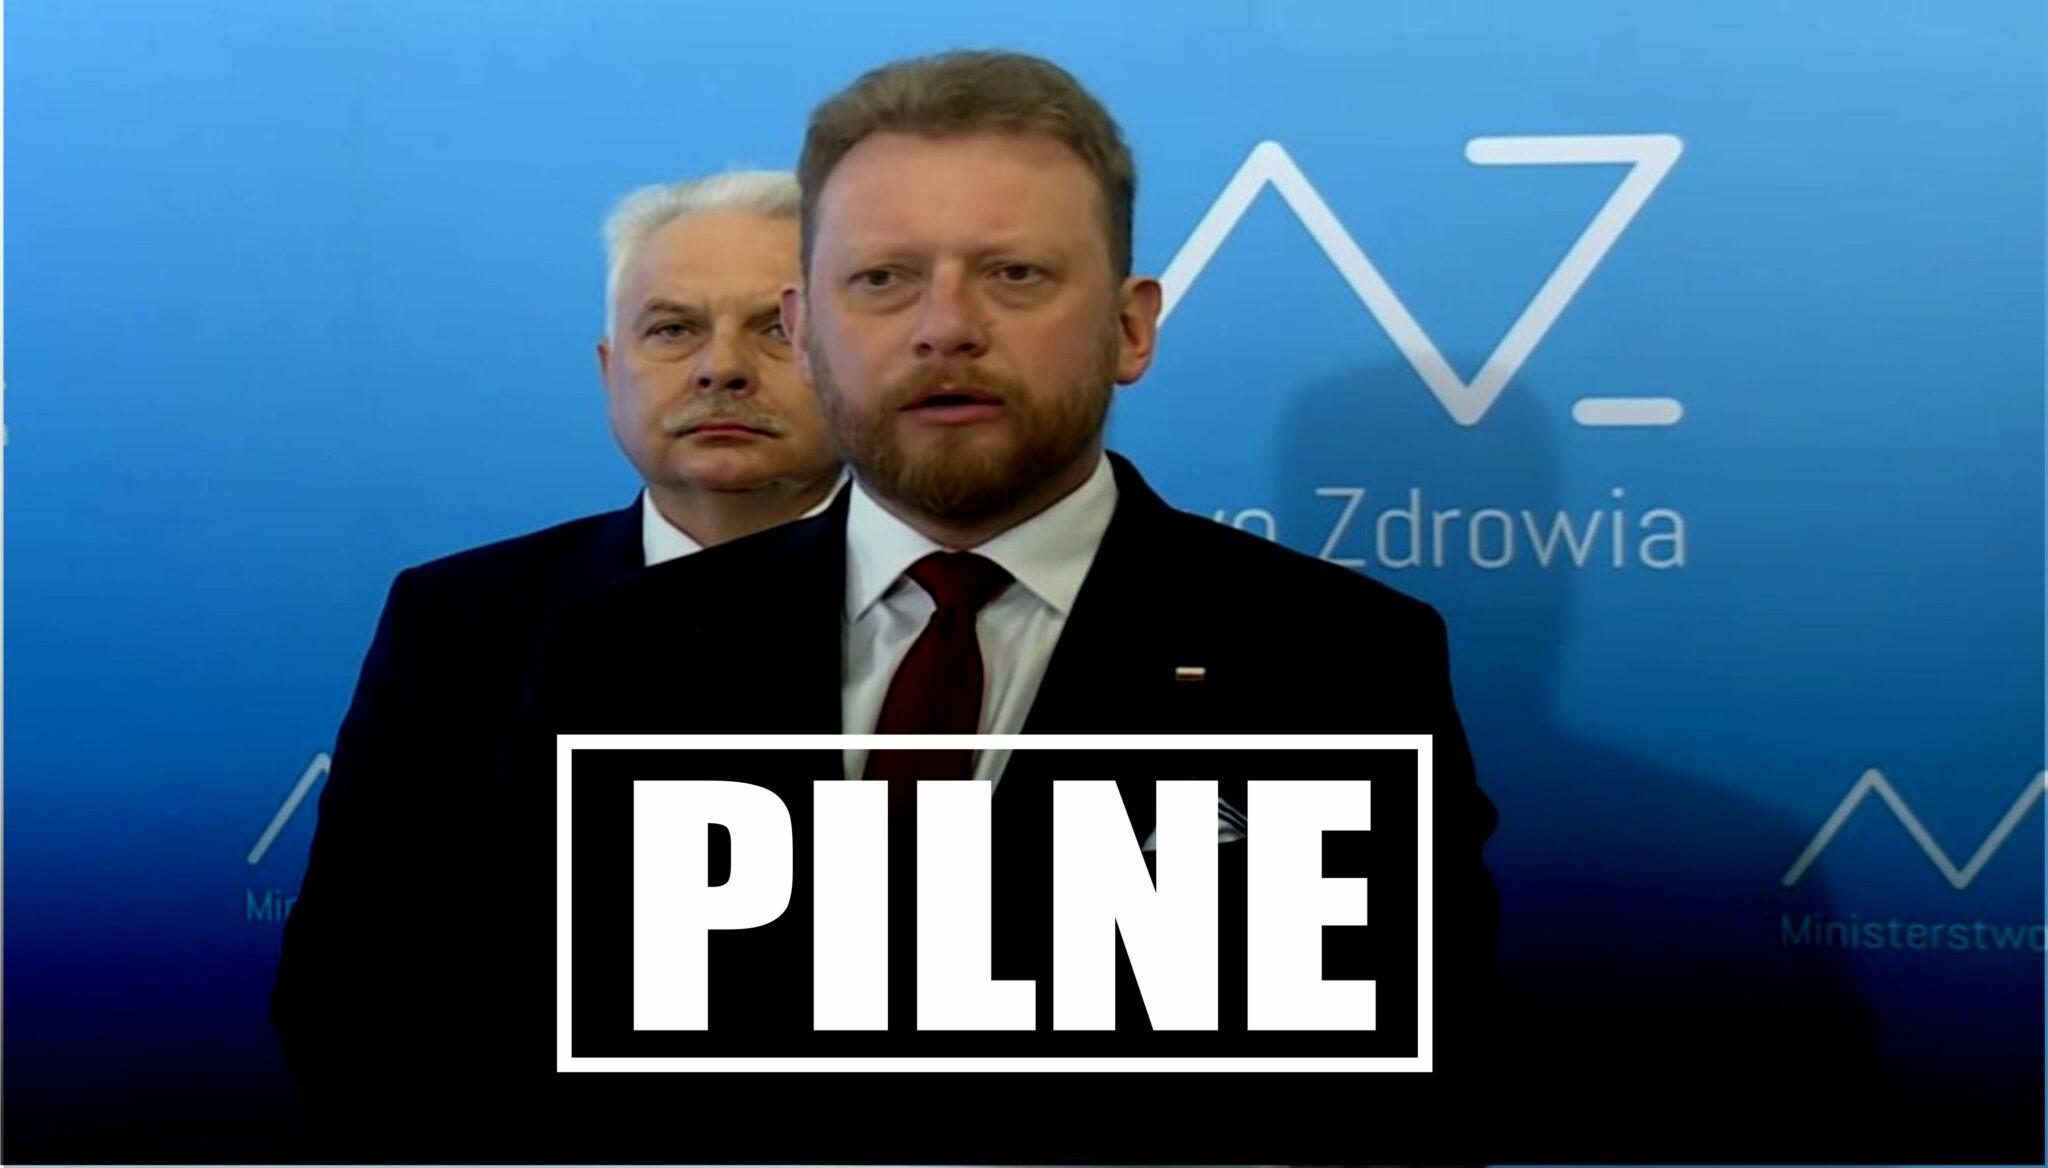 Epidemia Koronawirusa: Minister zdrowia Łukasz Szumowski potwierdził, ze zostaną wprowadzone nowe obostrzenia. Spowodowane jest to dużą ilość zarażeń.